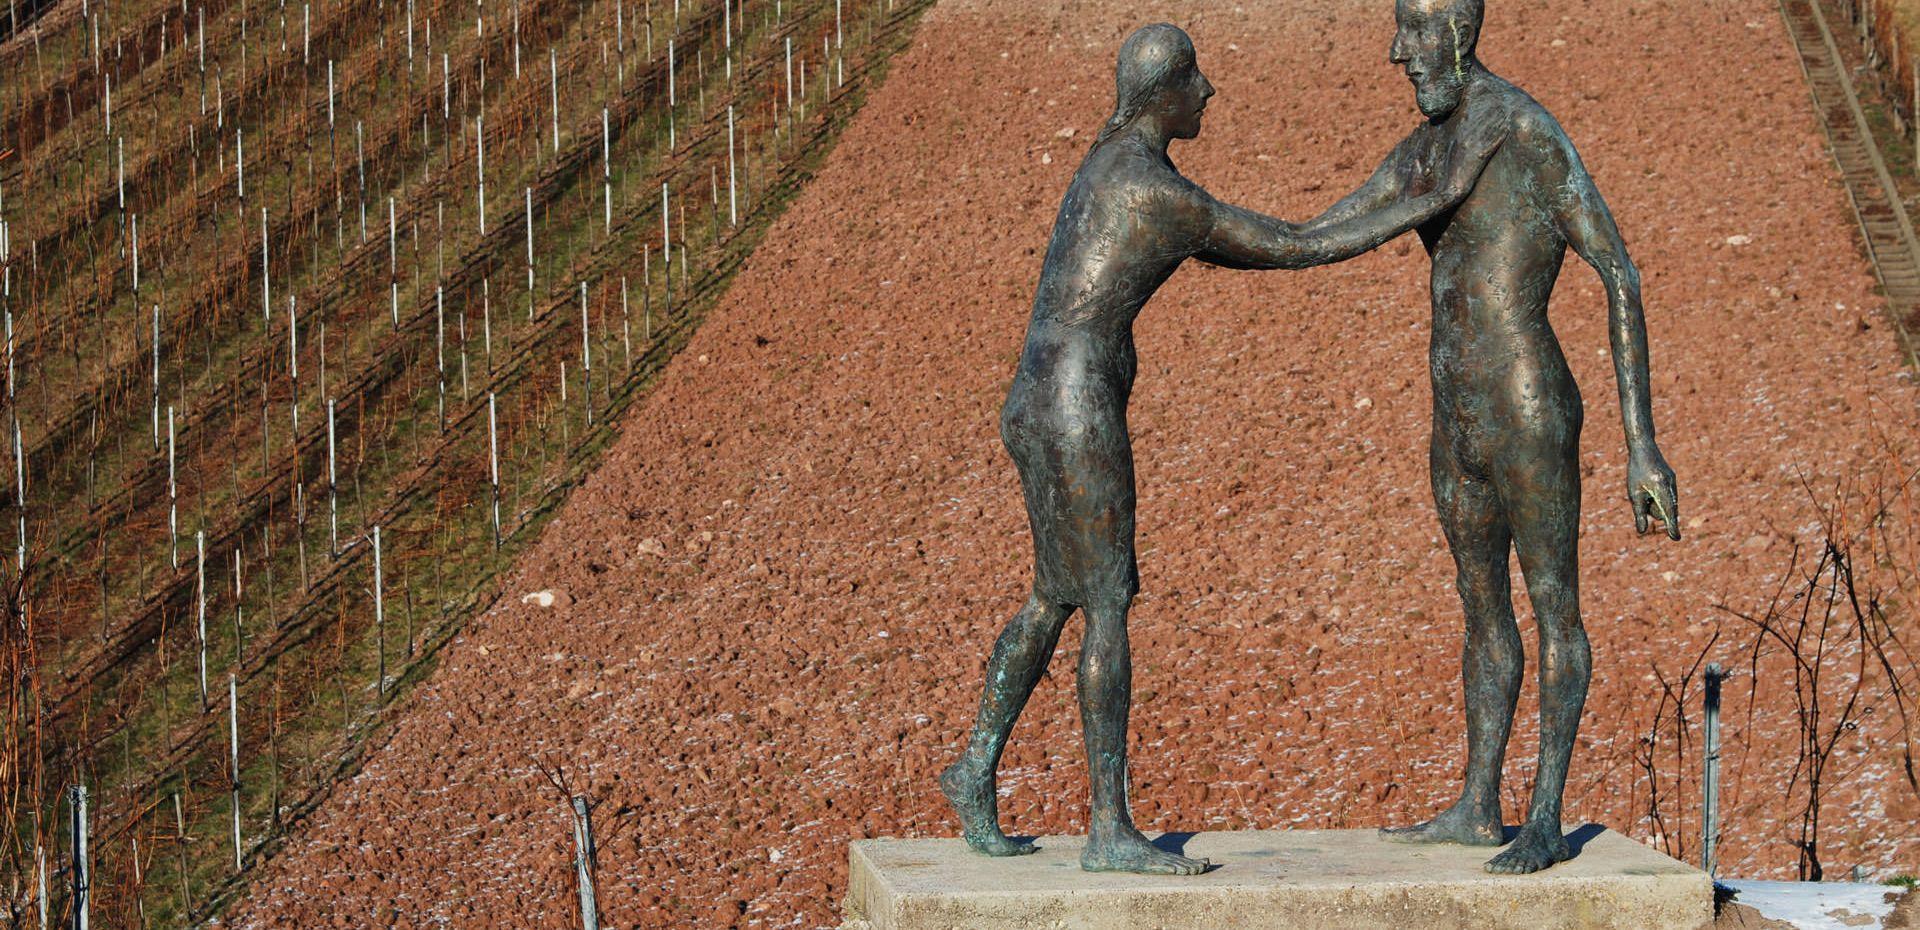 SkulpturenpfadDSC_0196-785ec61a